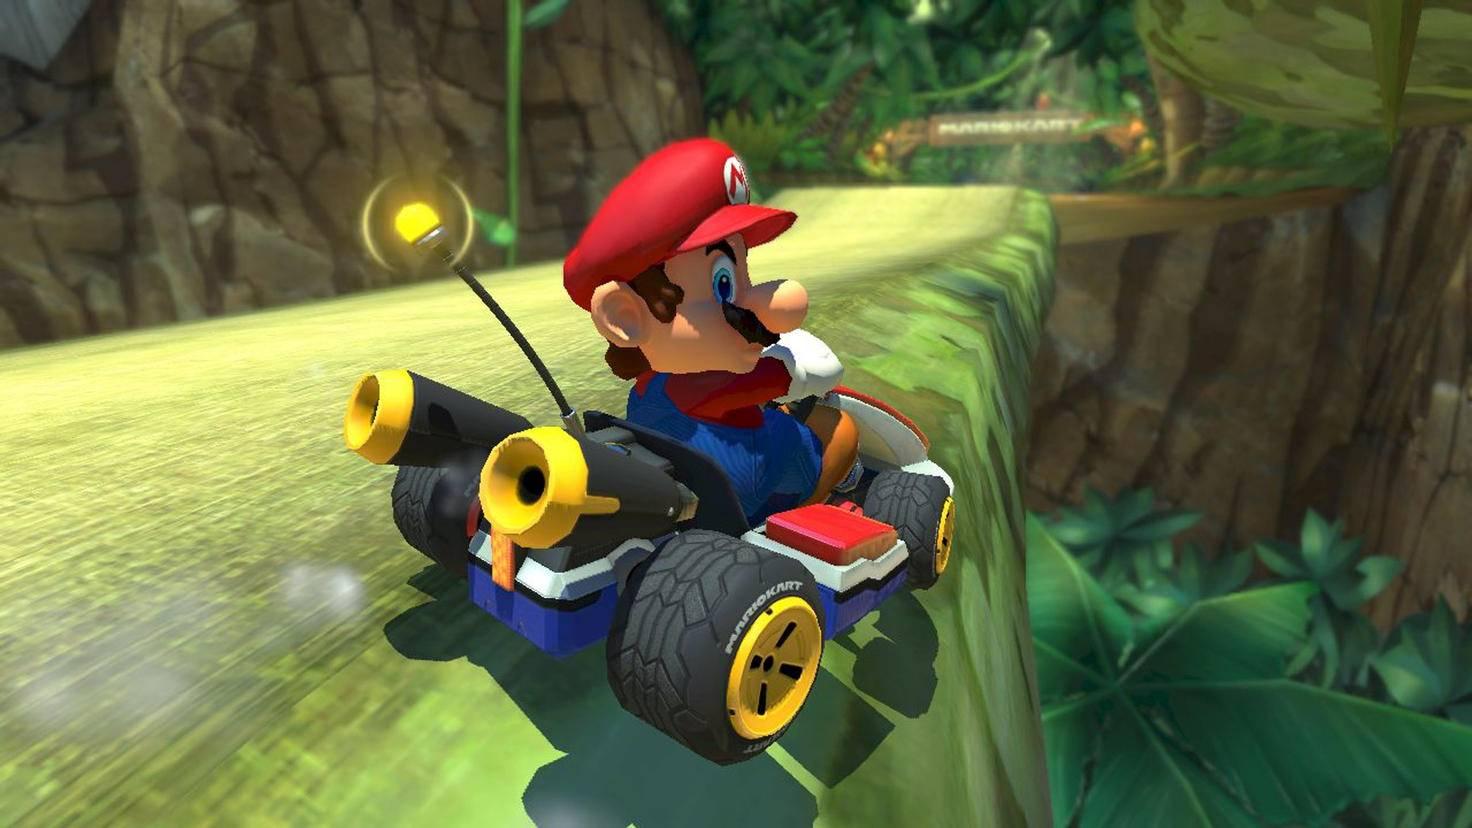 """Gameplay-Videos aus """"Mario Kart 8"""" können nach dem Ende des Miiverse nicht mehr hochgeladen werden – weder zum Miiverse, noch zu YouTube."""